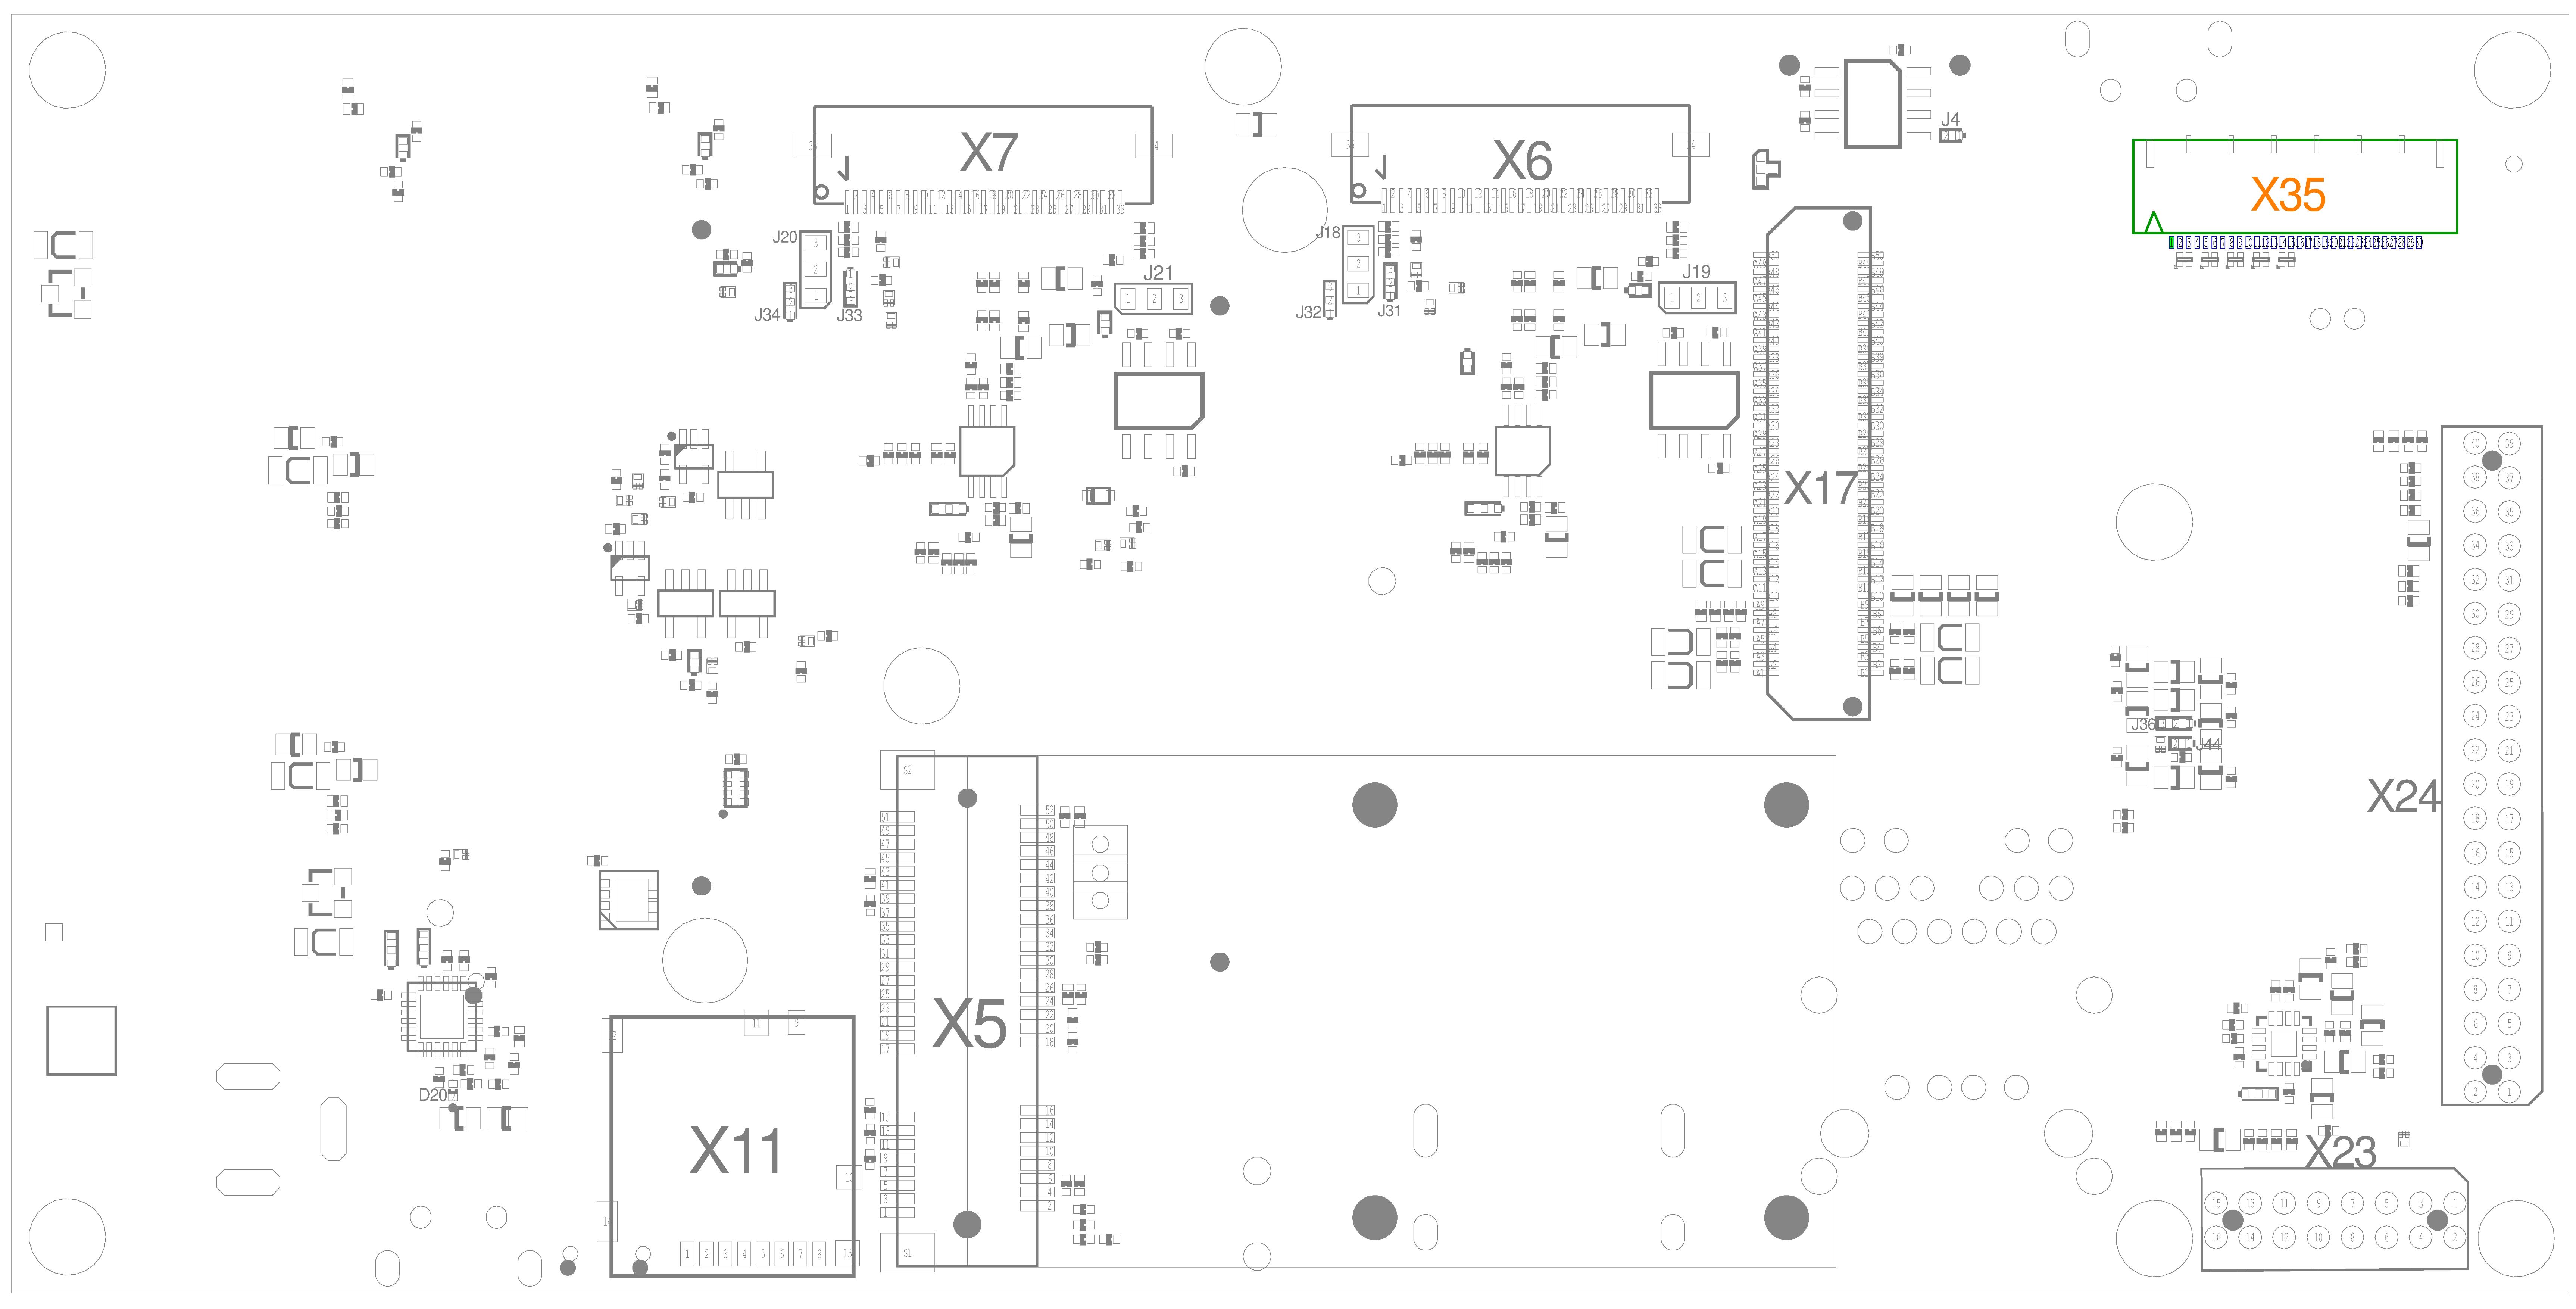 phyCAM-M Interface (X35)